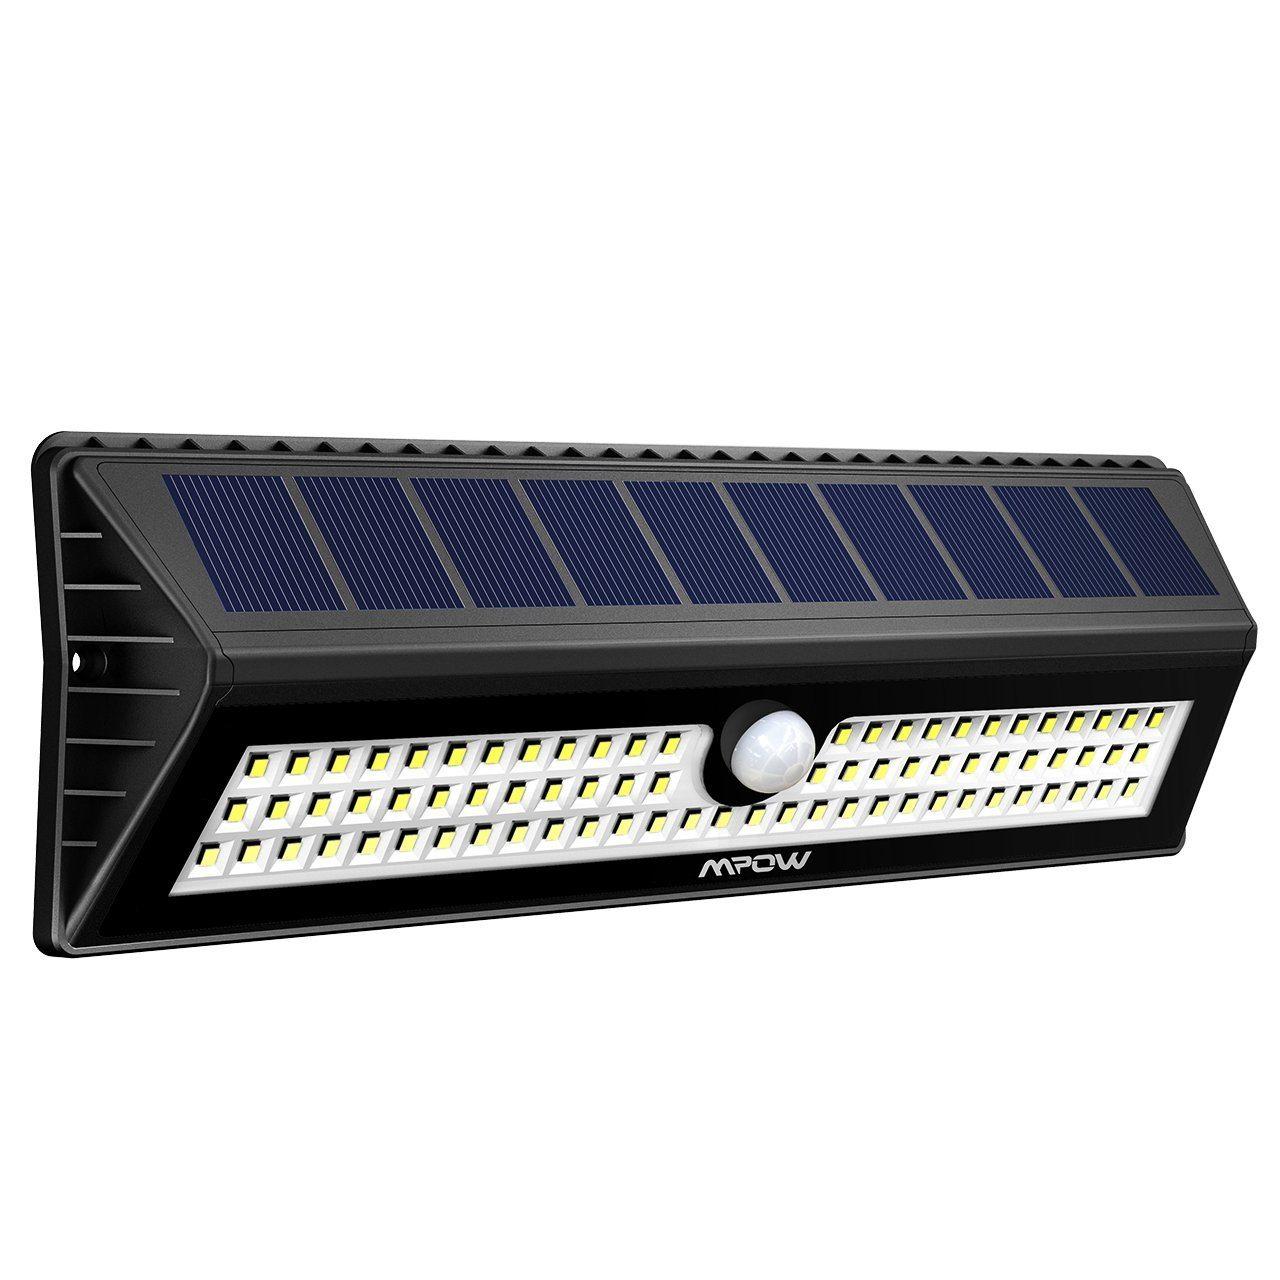 Lampada led da esterno con ricarica solare accensione al - Specchi riflettenti luce solare ...